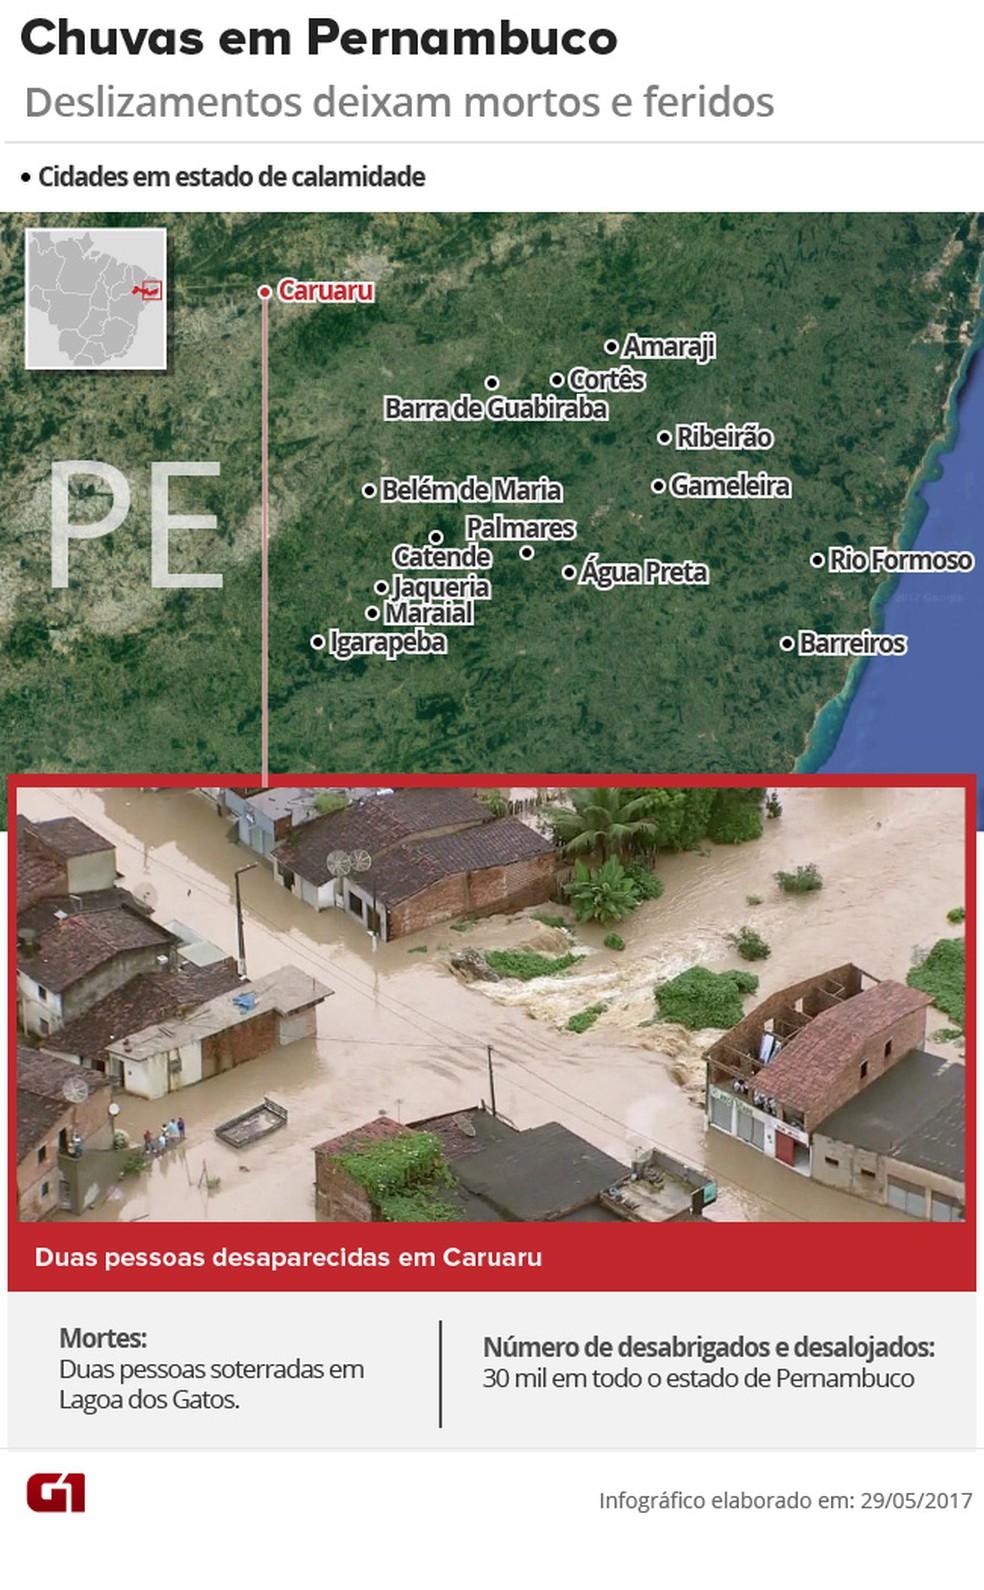 Chuvas provocam mortes e estragos em PE (Foto: Editoria de Arte/G1)